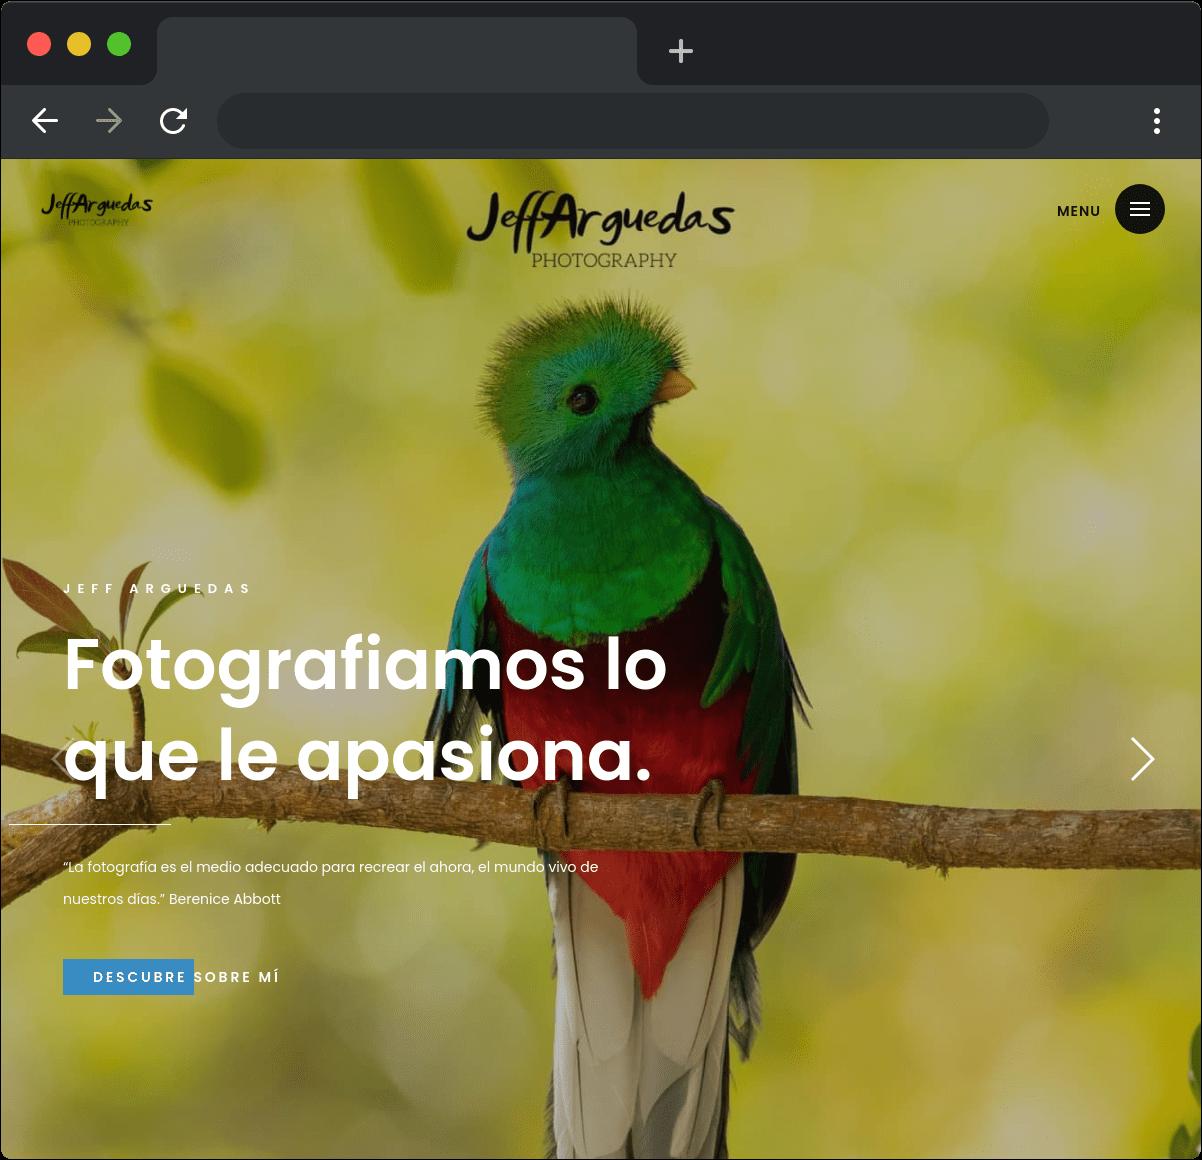 Desarrollo sitio web Jeff Arguedas Photography